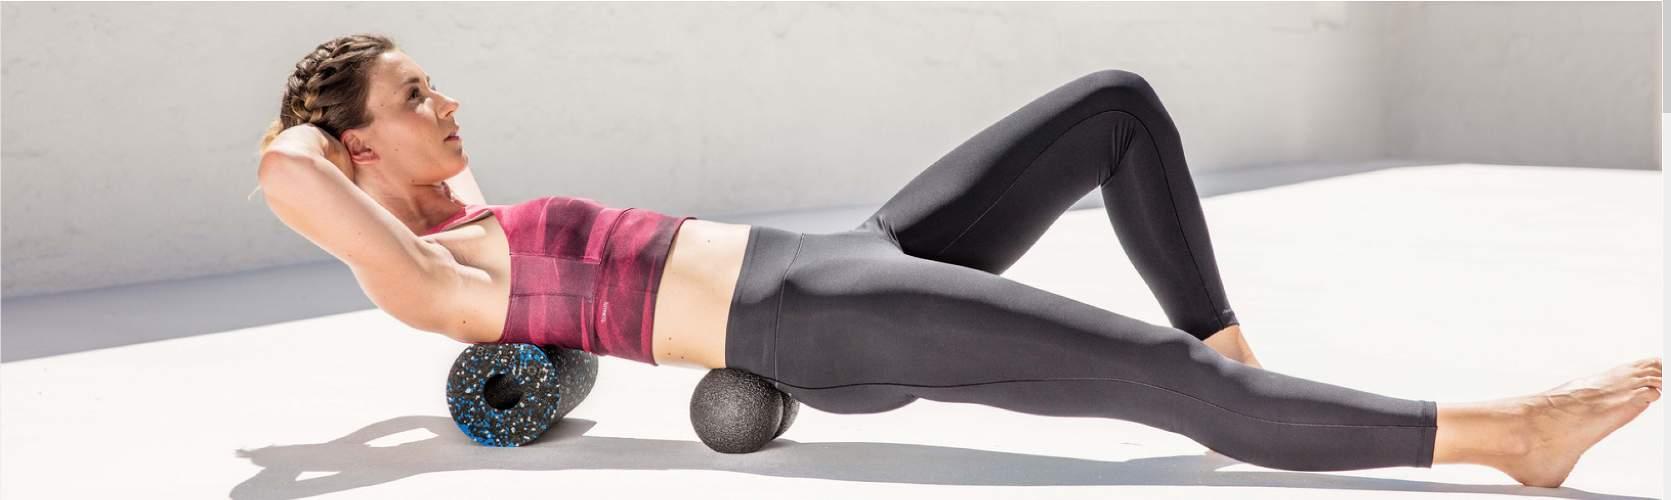 femme en train de faire du sport sur des rouleaux d'automassage